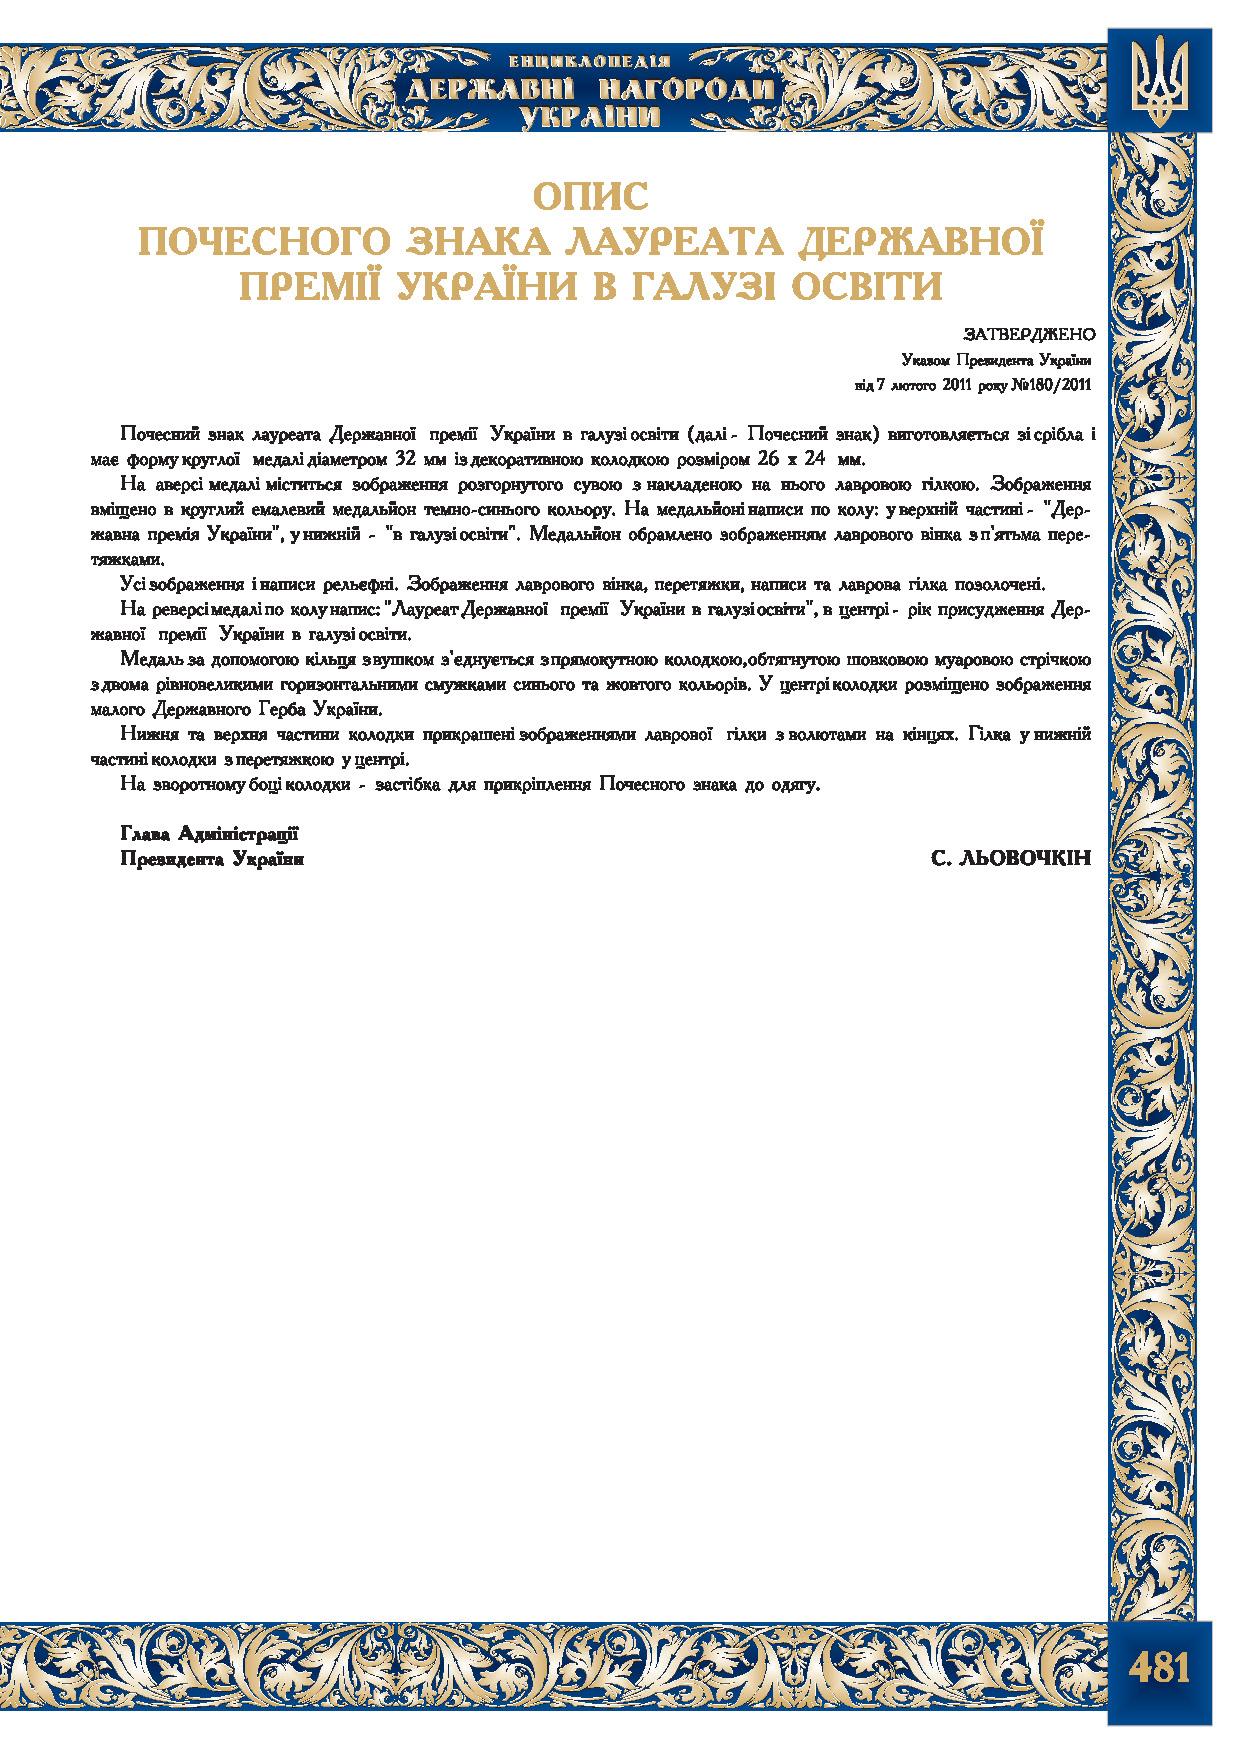 Опис почесного знака лауреата Державної премії України в галузі освіти